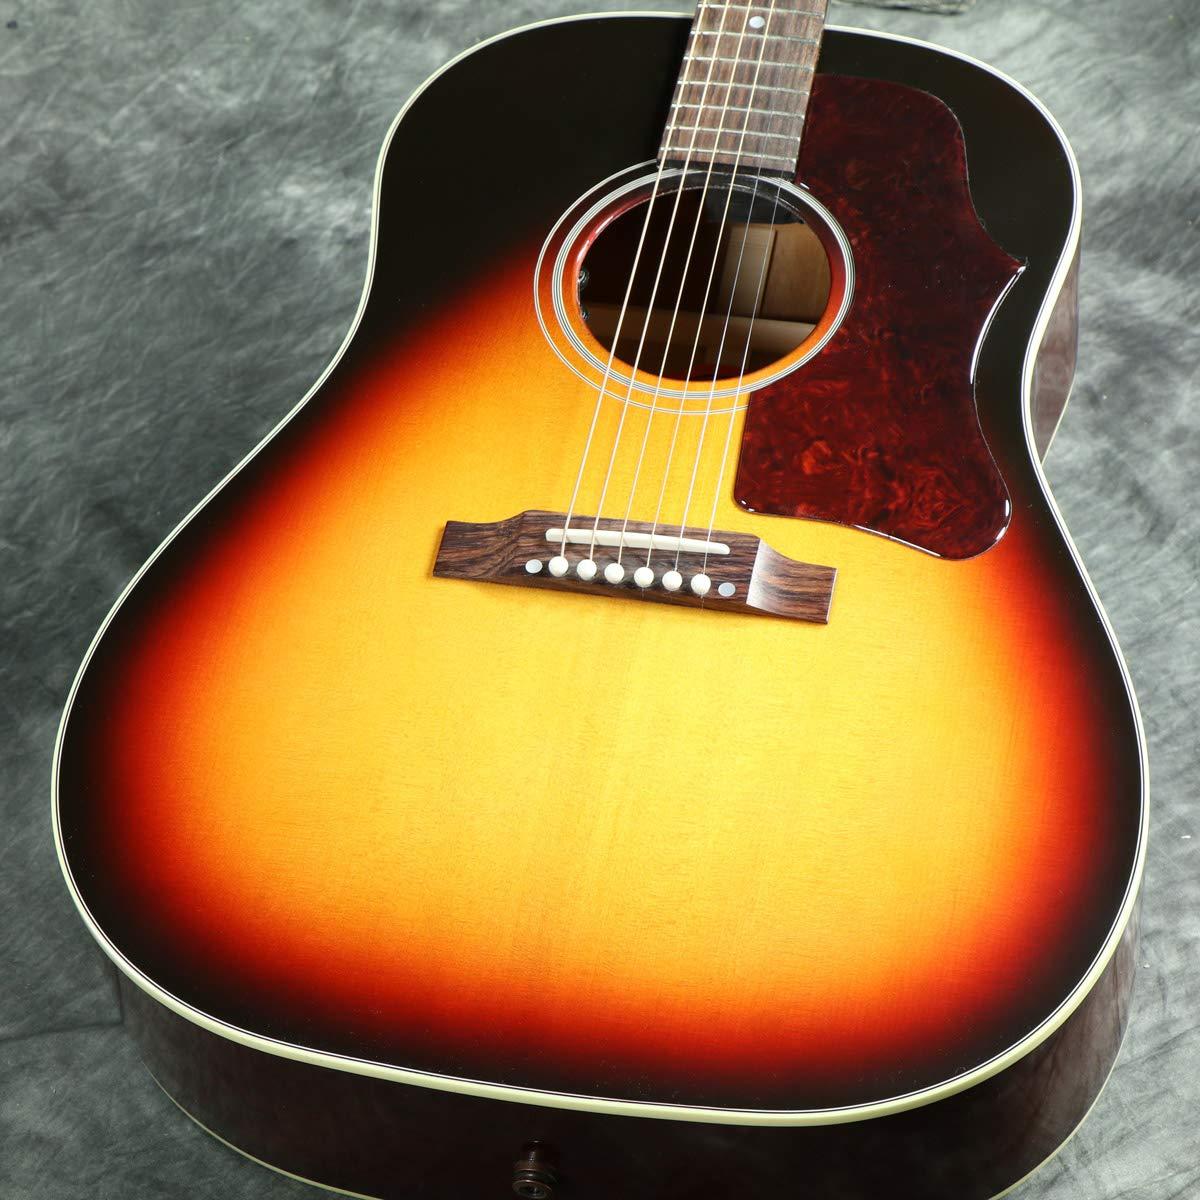 大好き Gibson/ 1960s J-45 アコギ KB w/Element/ VTC ギブソン w/Element アコギ B07RJDKYF3, SHOPまねき猫:b4c961a1 --- h909215399.nichost.ru